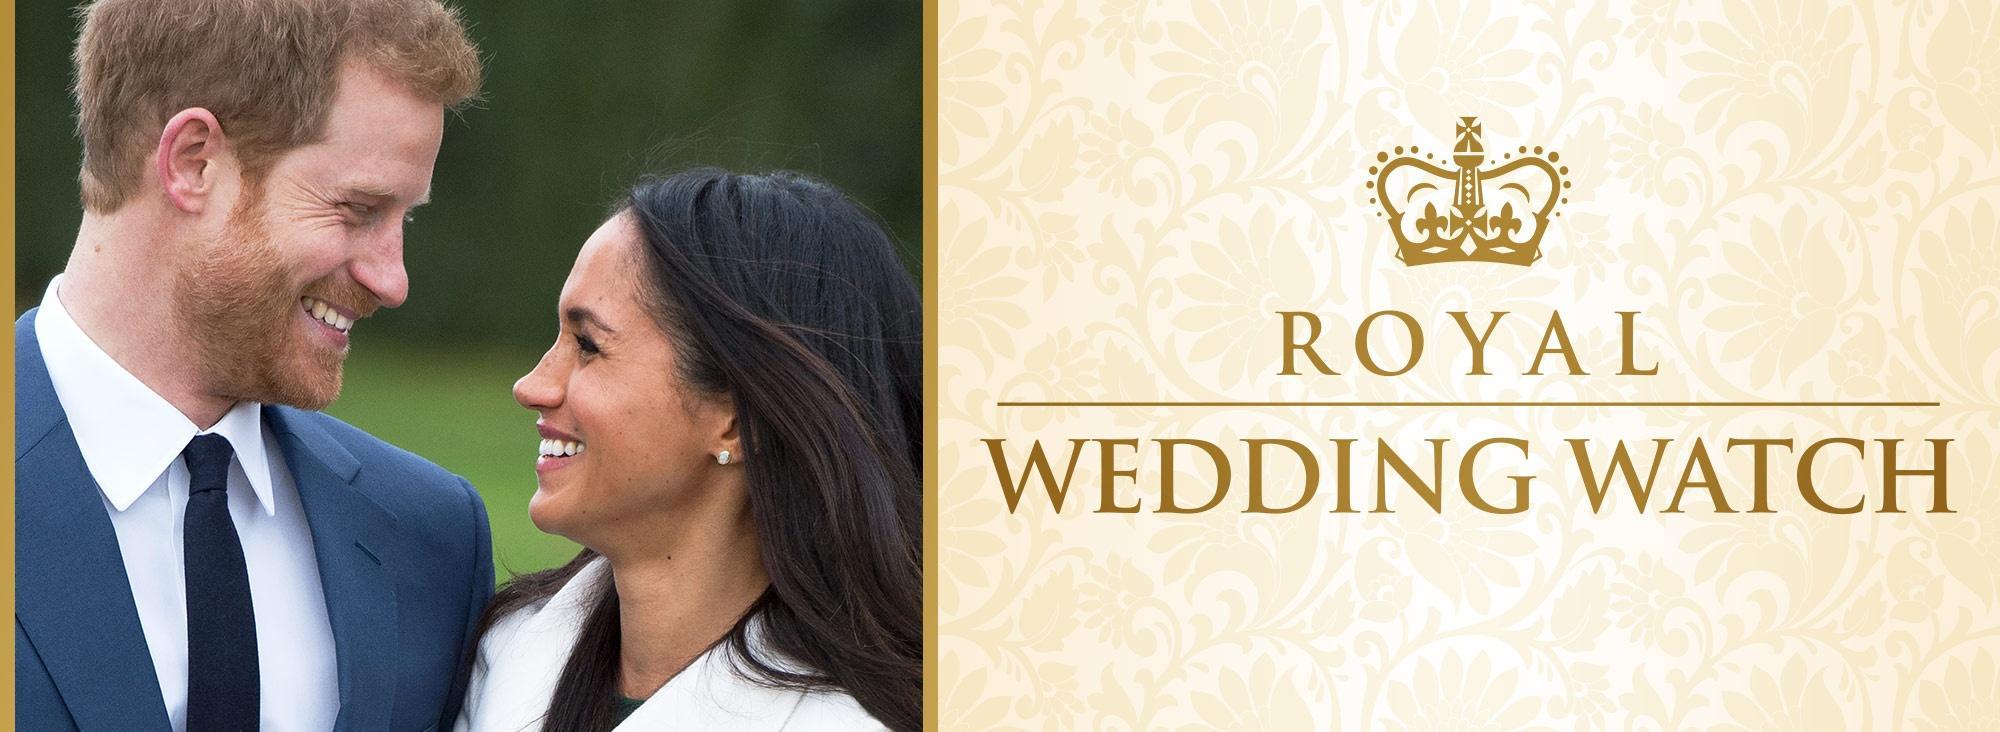 Watch The Royal Wedding.Royal Wedding Watch